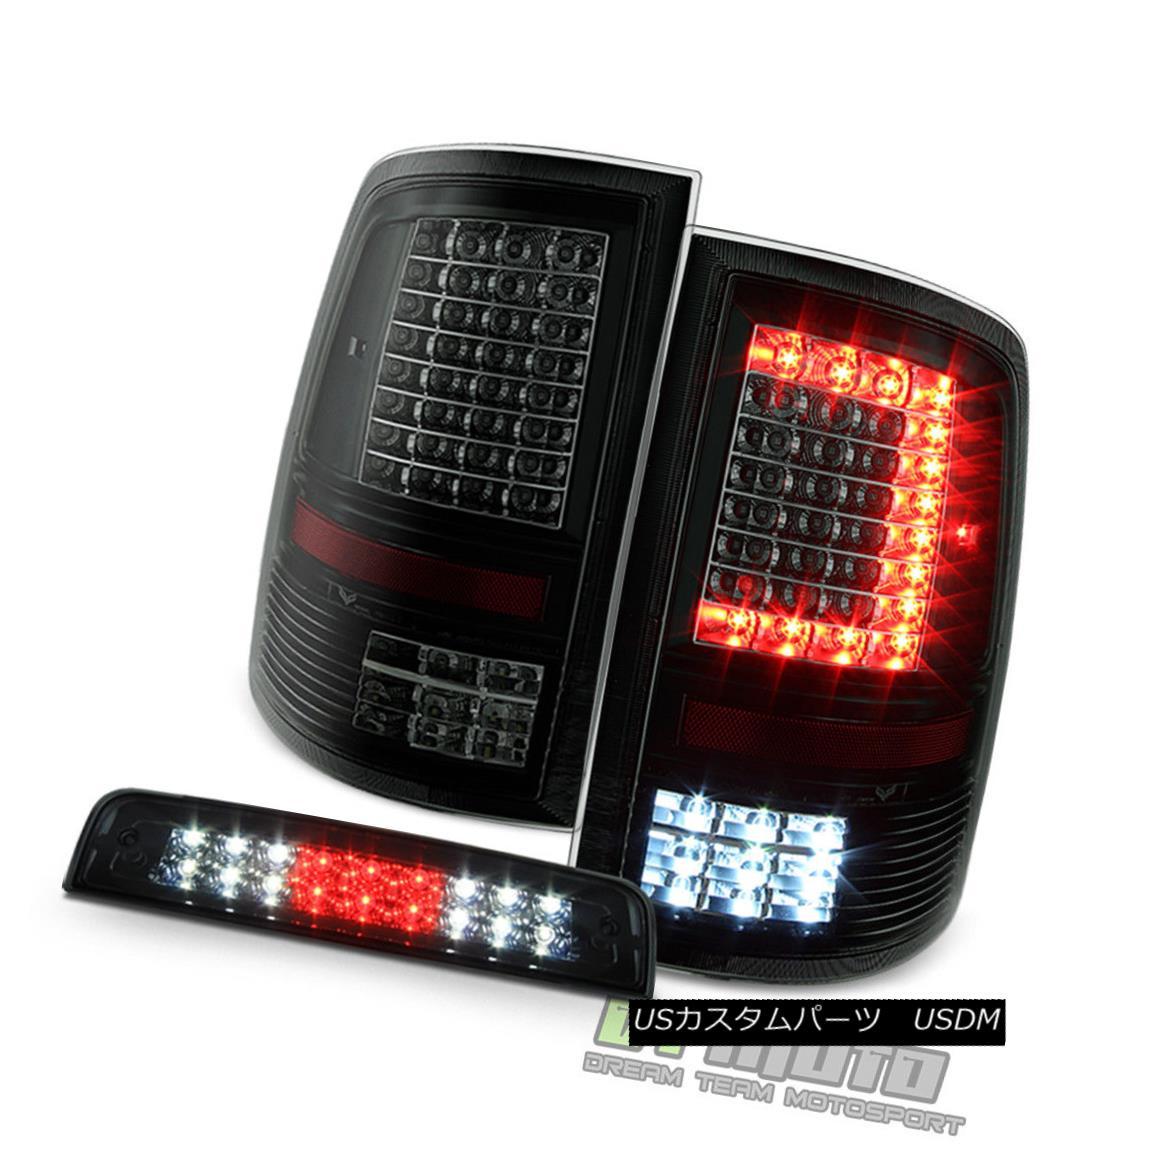 テールライト 2009-2017 Dodge Ram 1500 2500 Blk Smoke LED Tail Lights+LED 3rd Brake Cargo Lamp 2009-2017 Dodge Ram 1500 2500 BlkスモークLEDテールライト+ LED第3ブレーキカーゴランプ